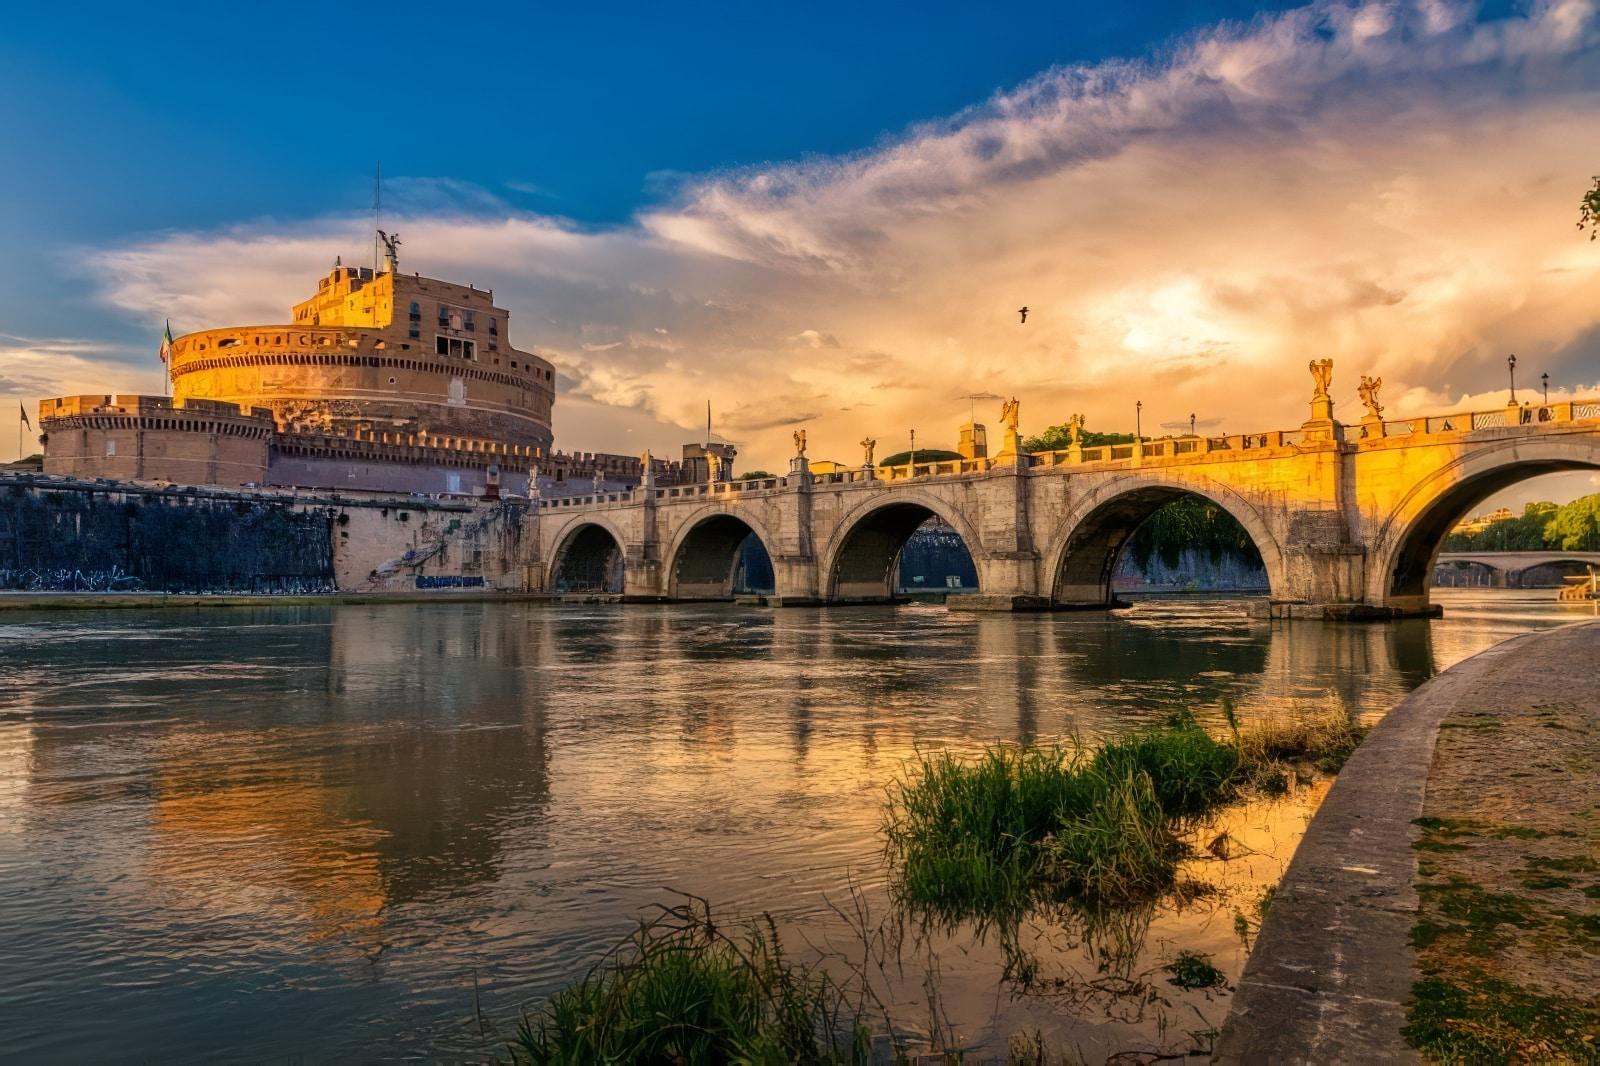 Histoire du Château Saint-Ange à Rome